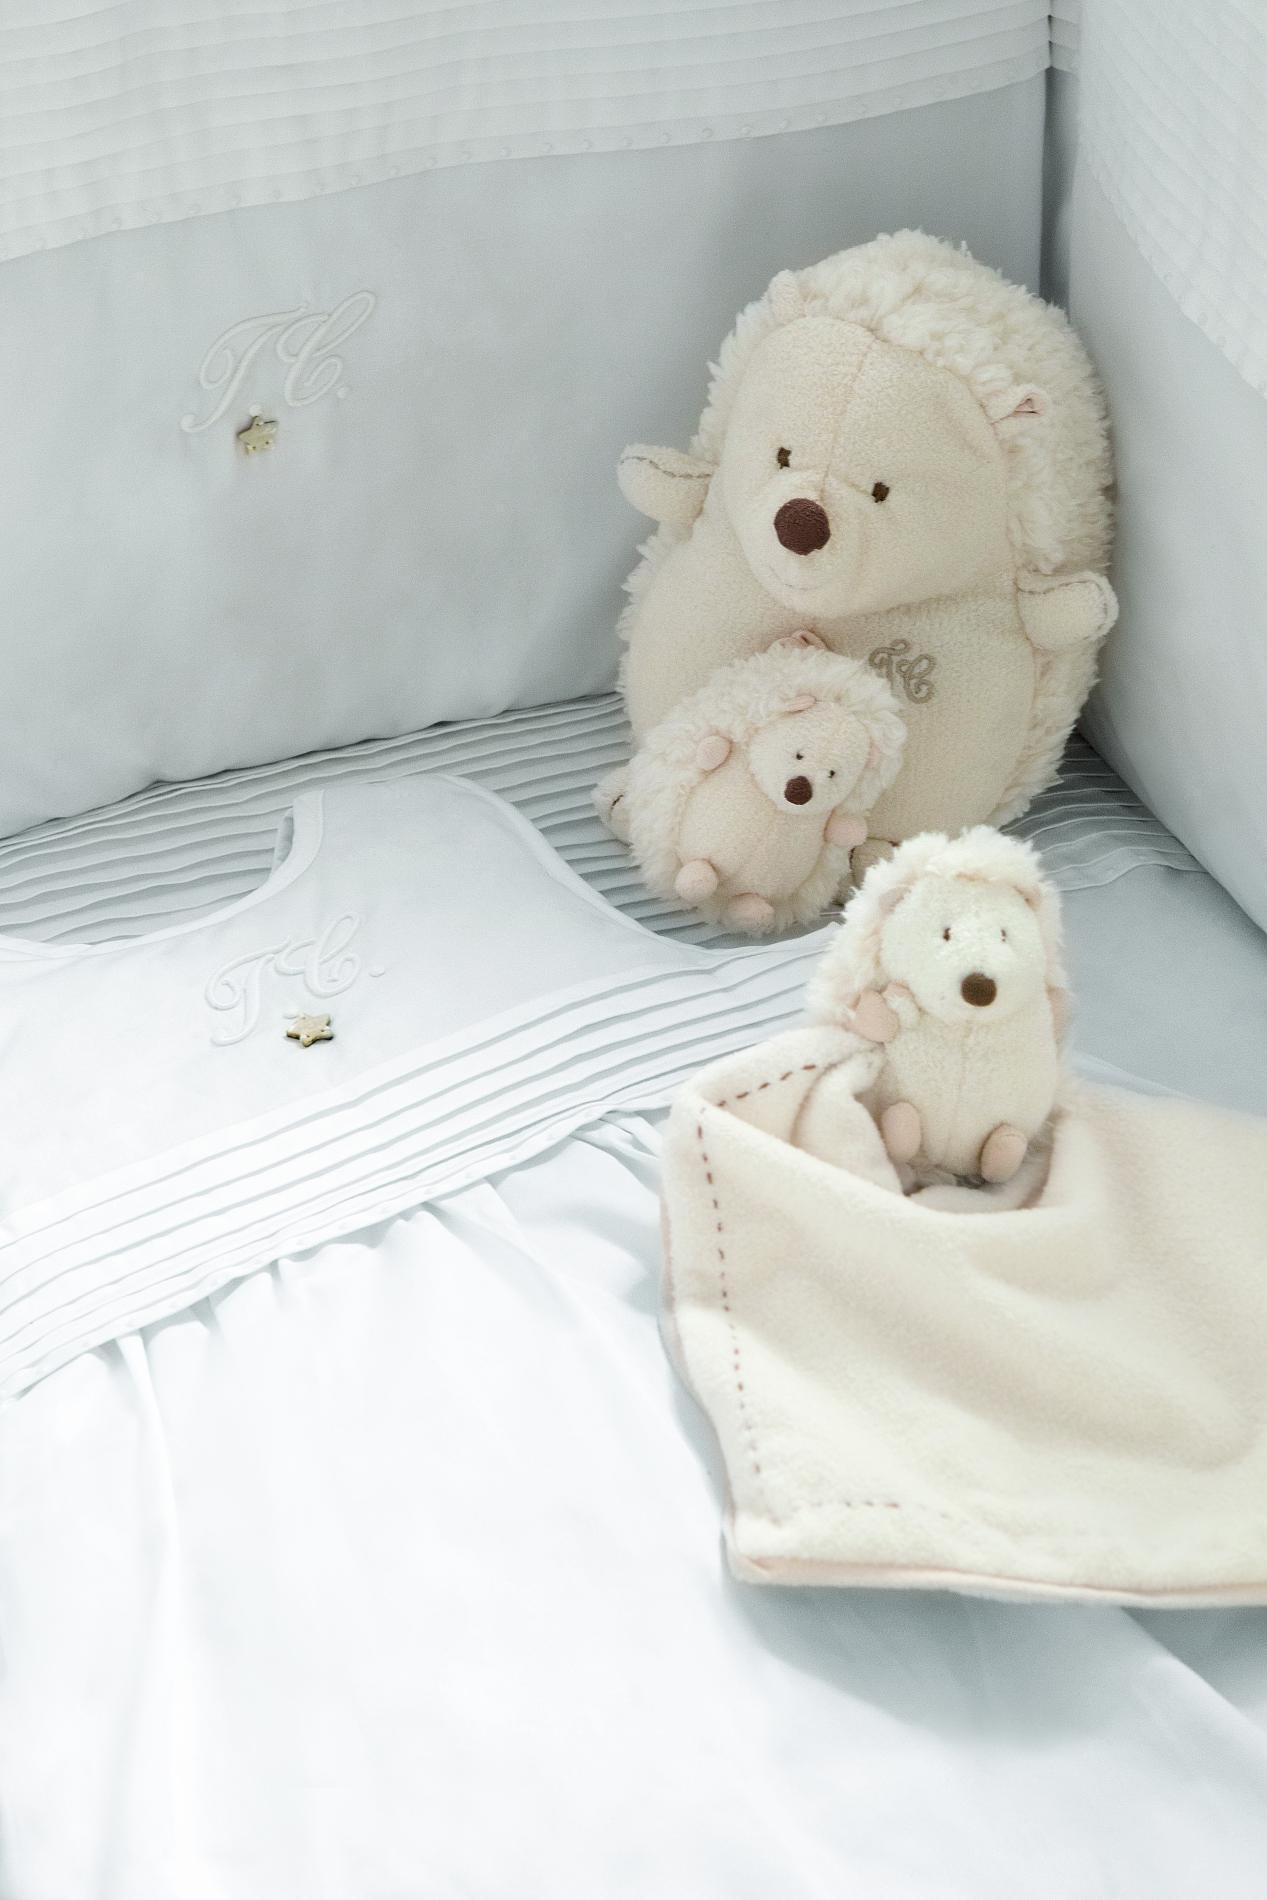 tartine et chocolat r gale les enfants et leurs mamans depuis pr s de 40 ans madame figaro. Black Bedroom Furniture Sets. Home Design Ideas